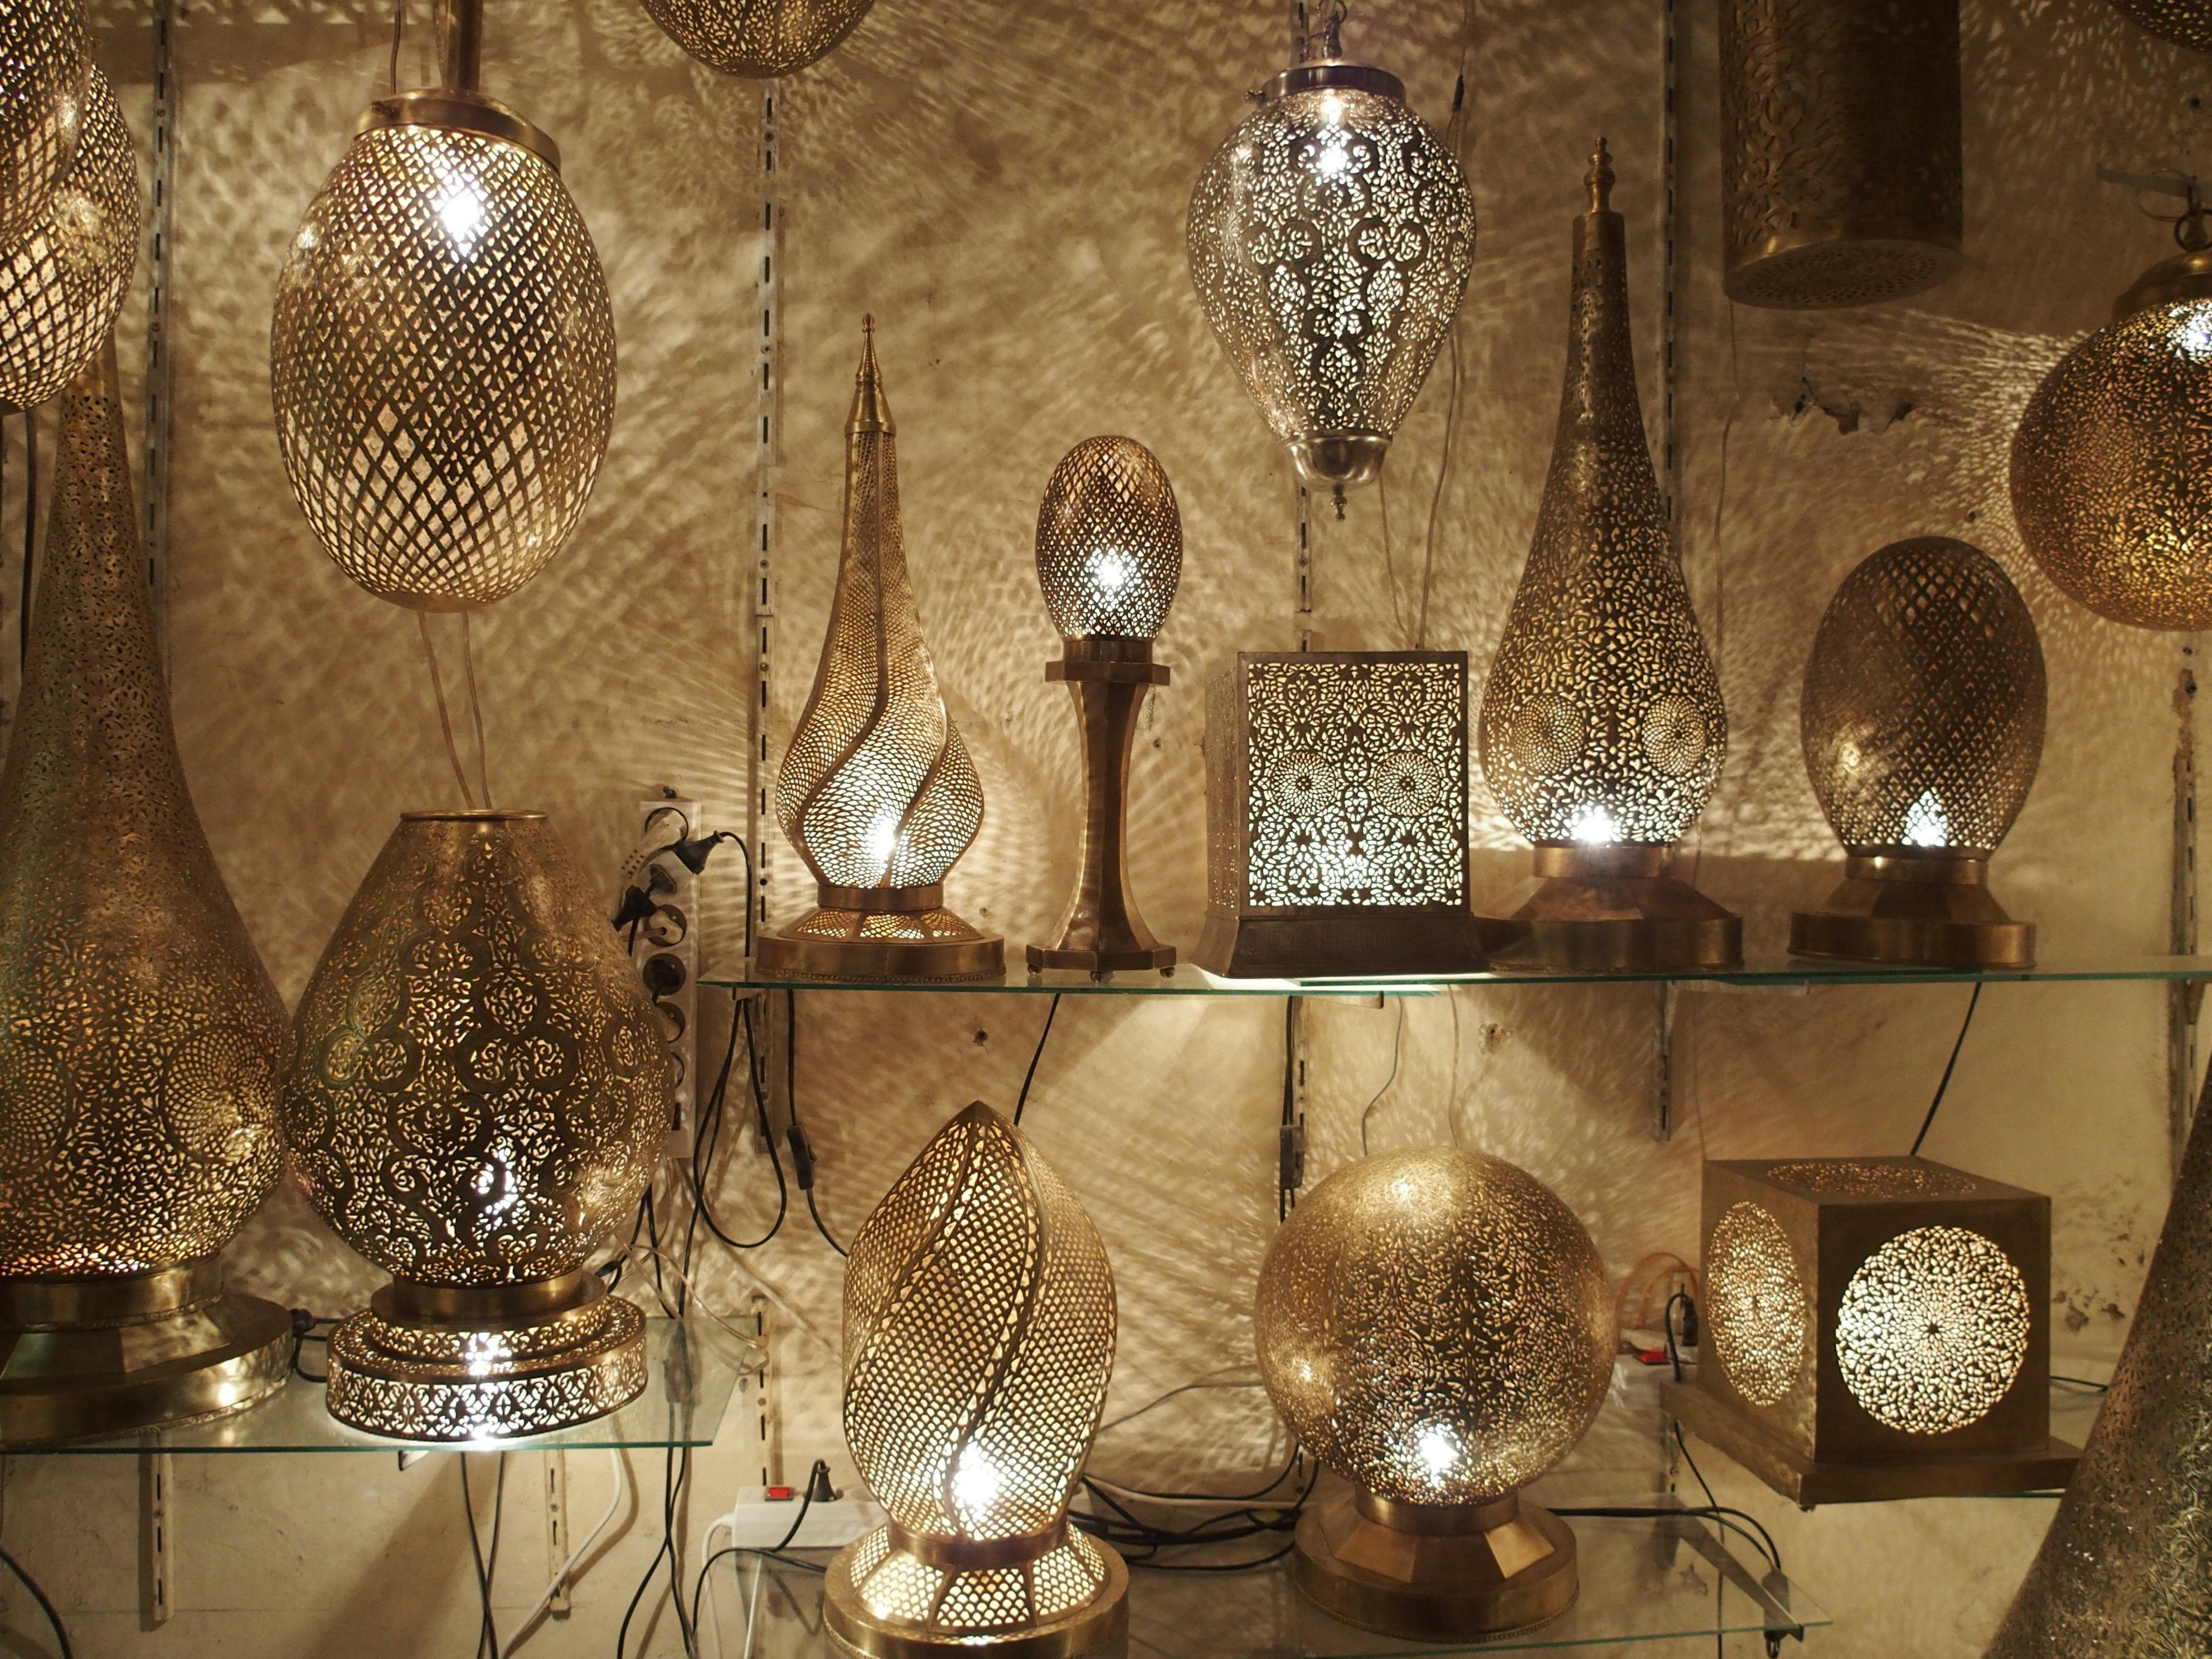 Artigianato Marocchino Milano.Luci Del Marocco Lampade In Bronzo E Artigianato Di Fez